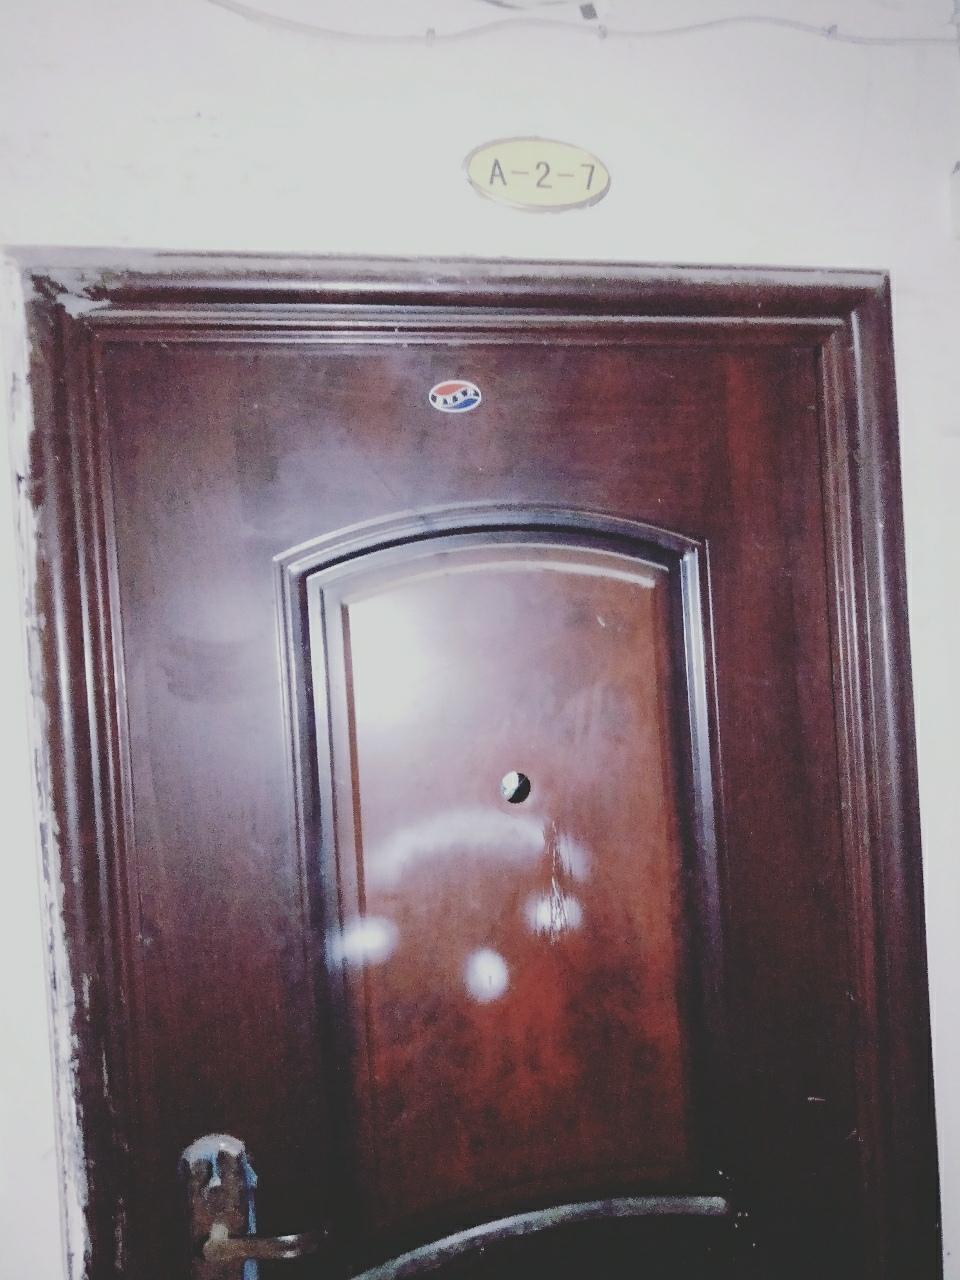 盘州市刘官街道小区3室 1厅 1卫16万元